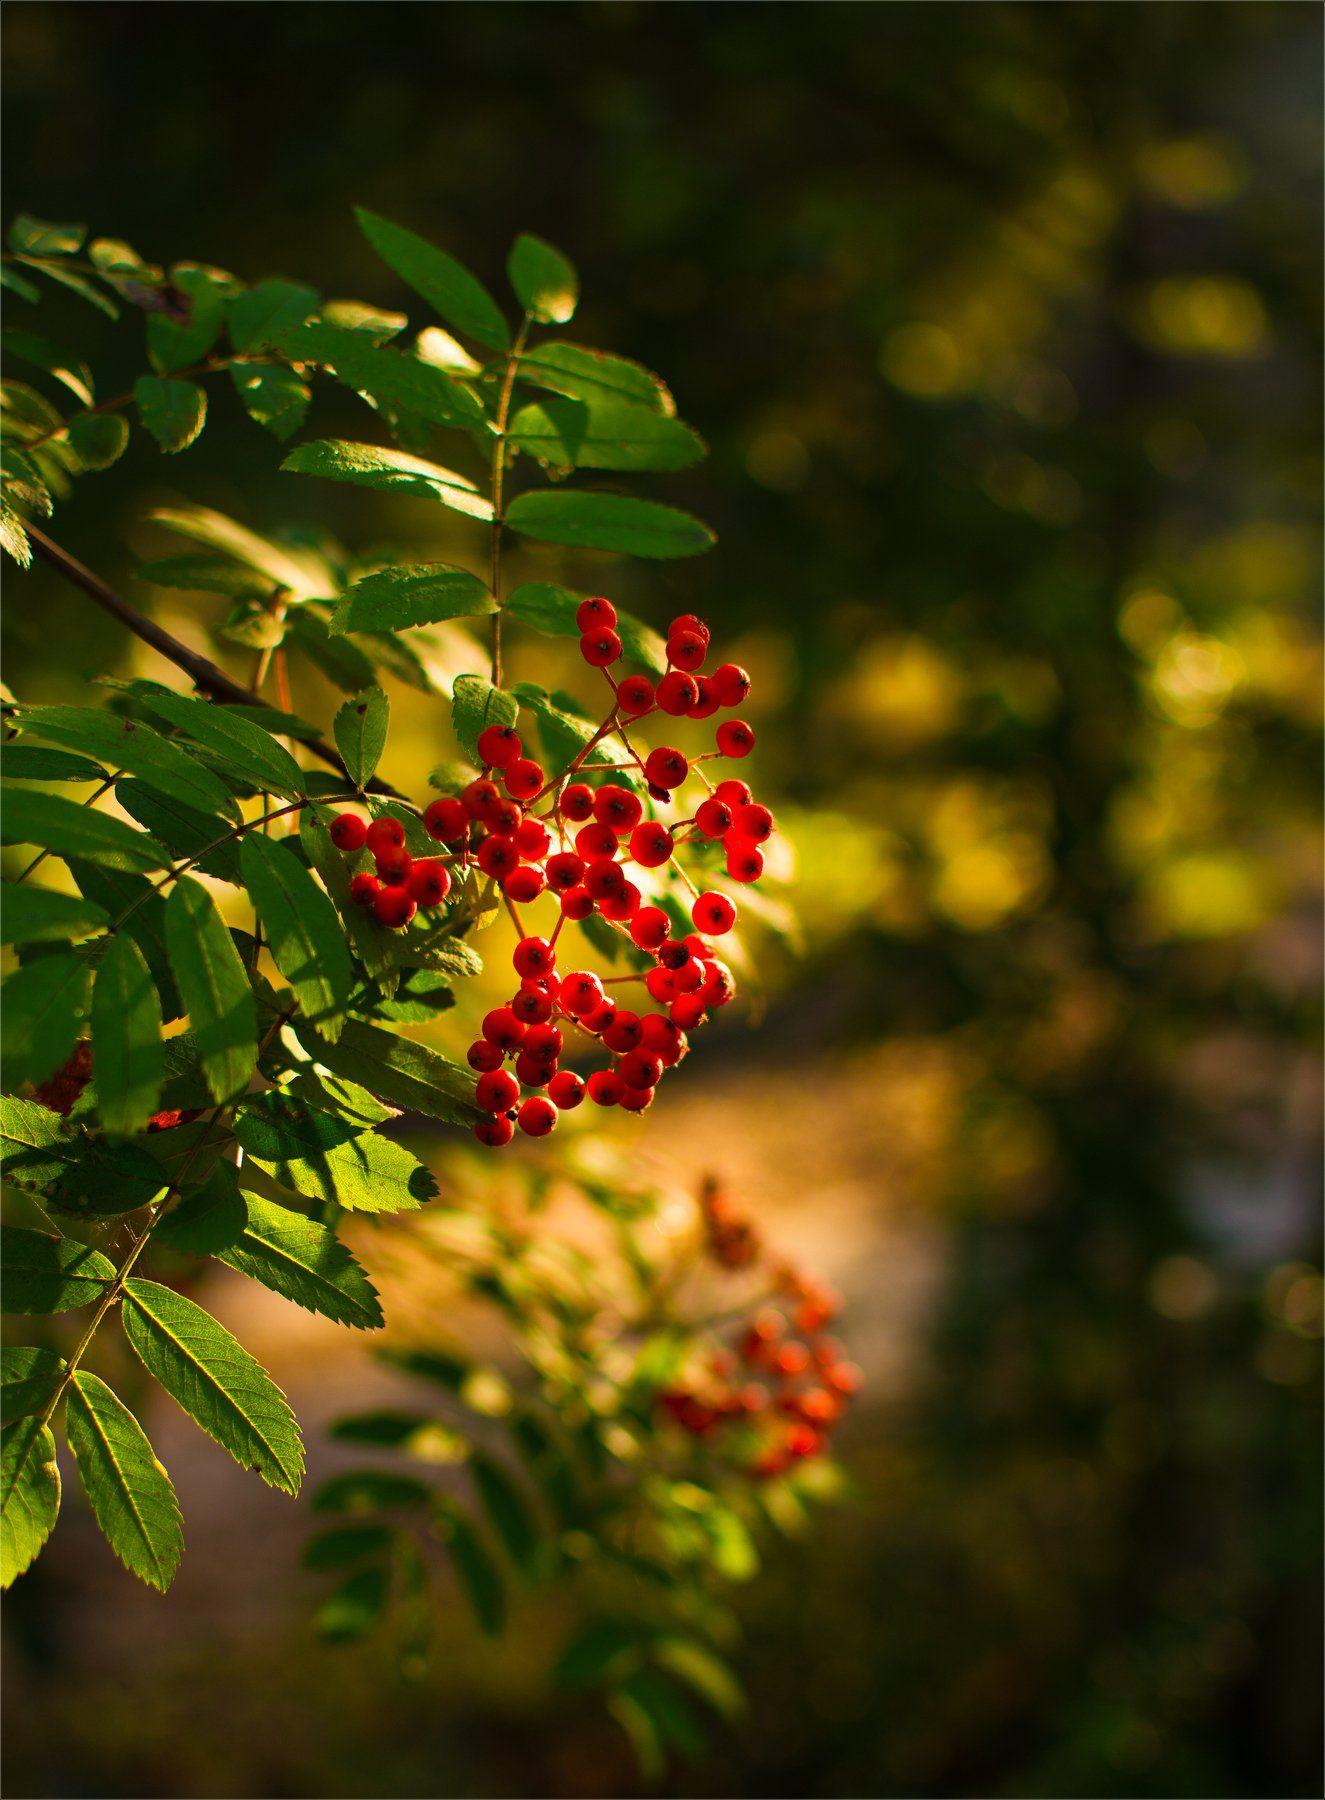 nature, природа, лес, куст, солнечный свет, ягоды, рябина, ветка, гроздь,, Михаил MSH